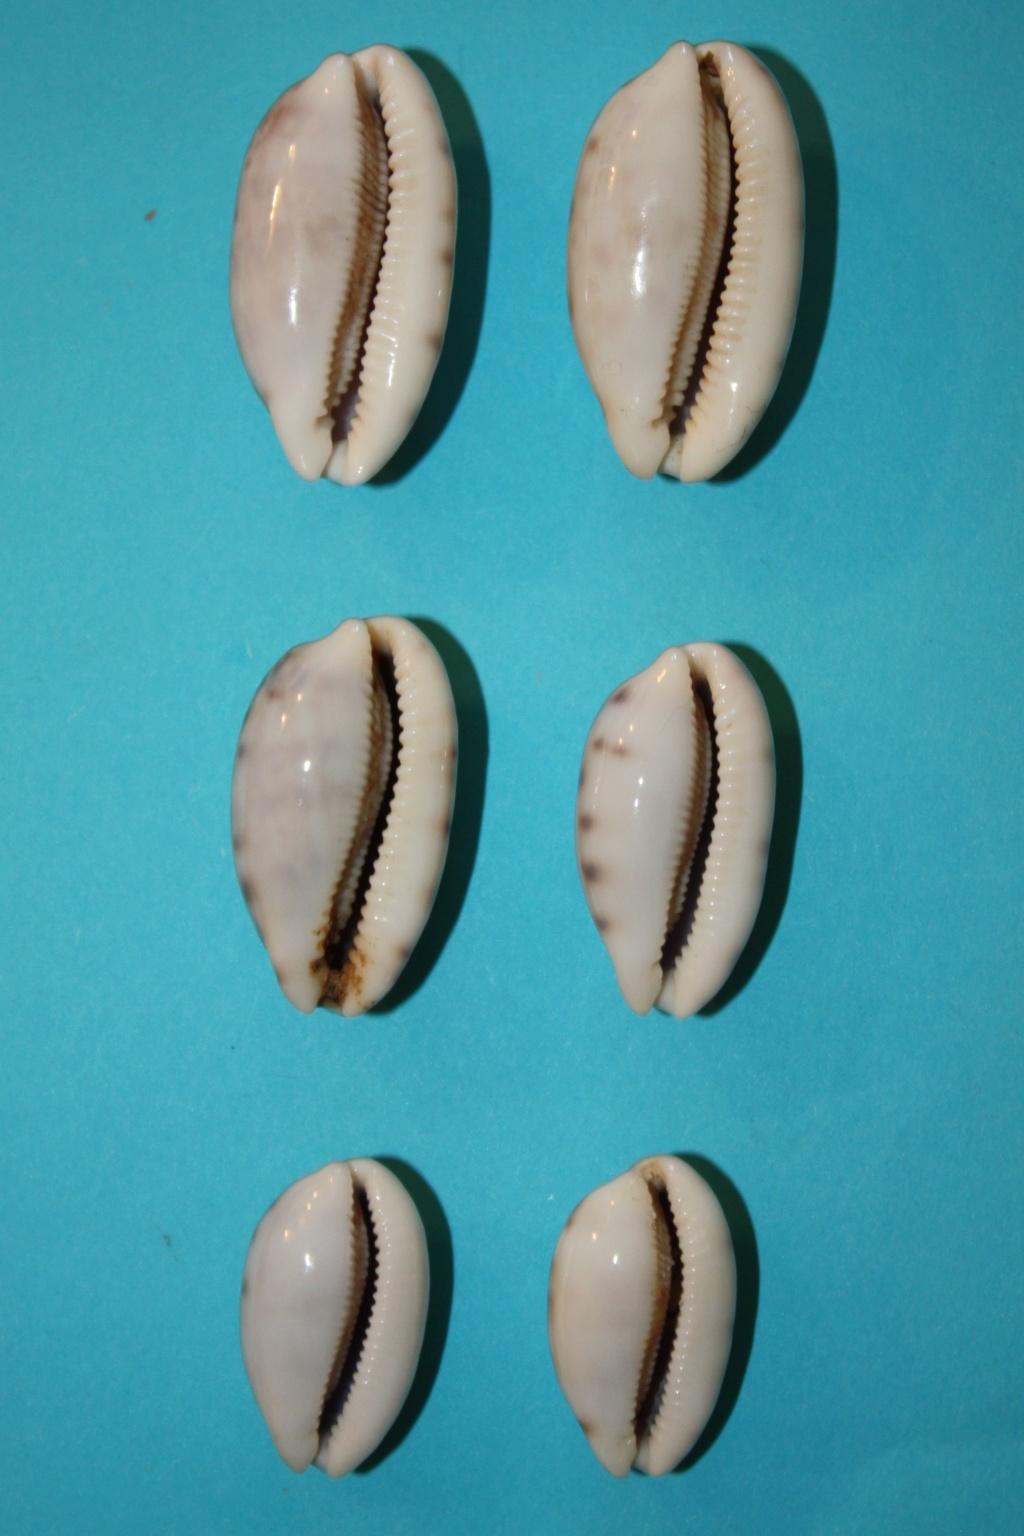 Talostolida pellucens pellucens - (Melvill, 1888) & Talostolida teres teres (Gmelin, 1791) Img_0329